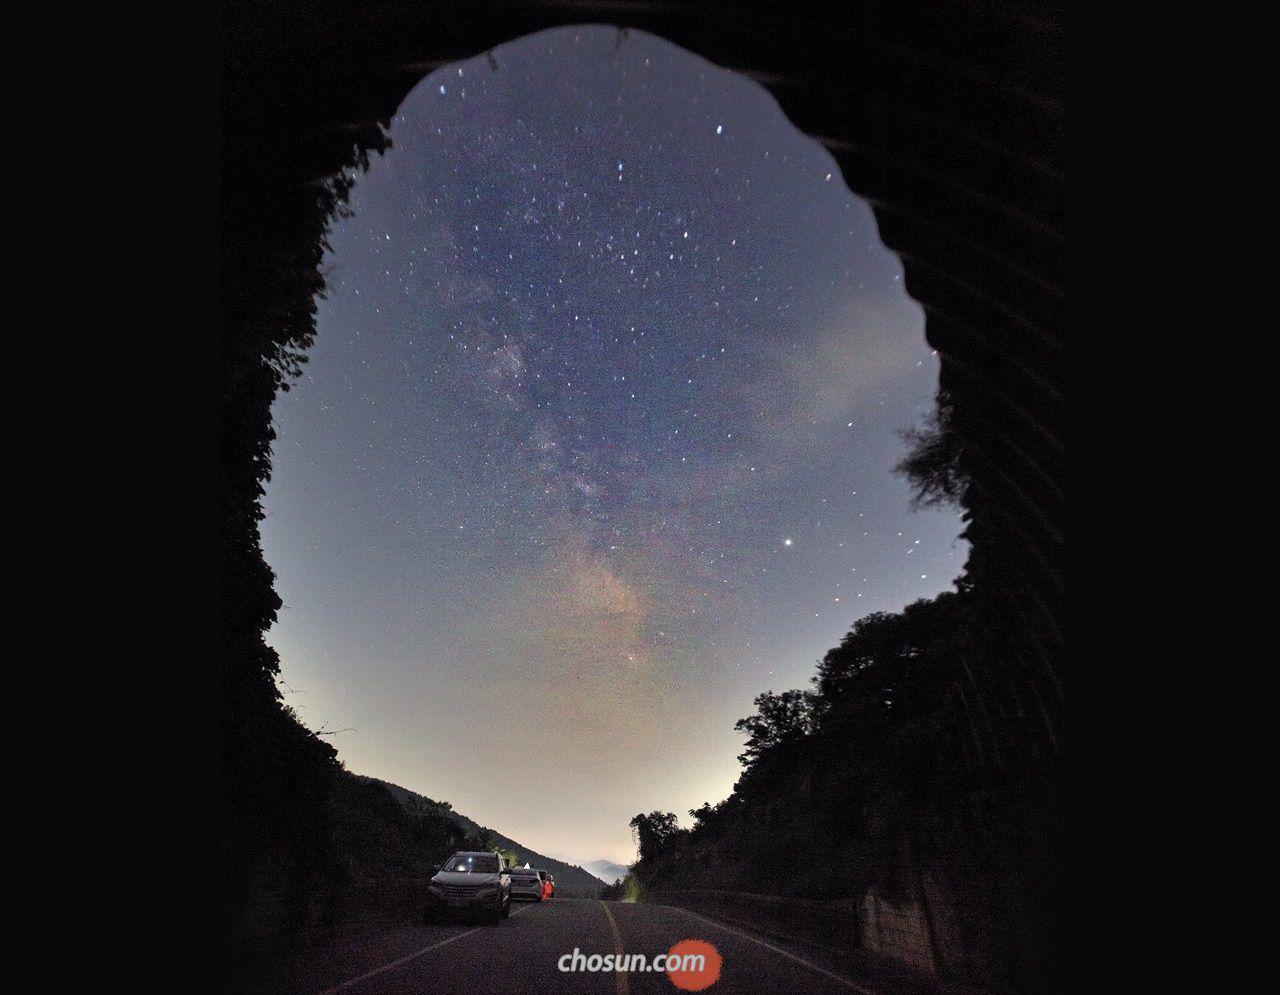 수도권 은하수 명당으로 꼽히는 경기도 양평 벗고개. 터널을 액자 삼아 은하수를 카메라에 담을 수 있다.